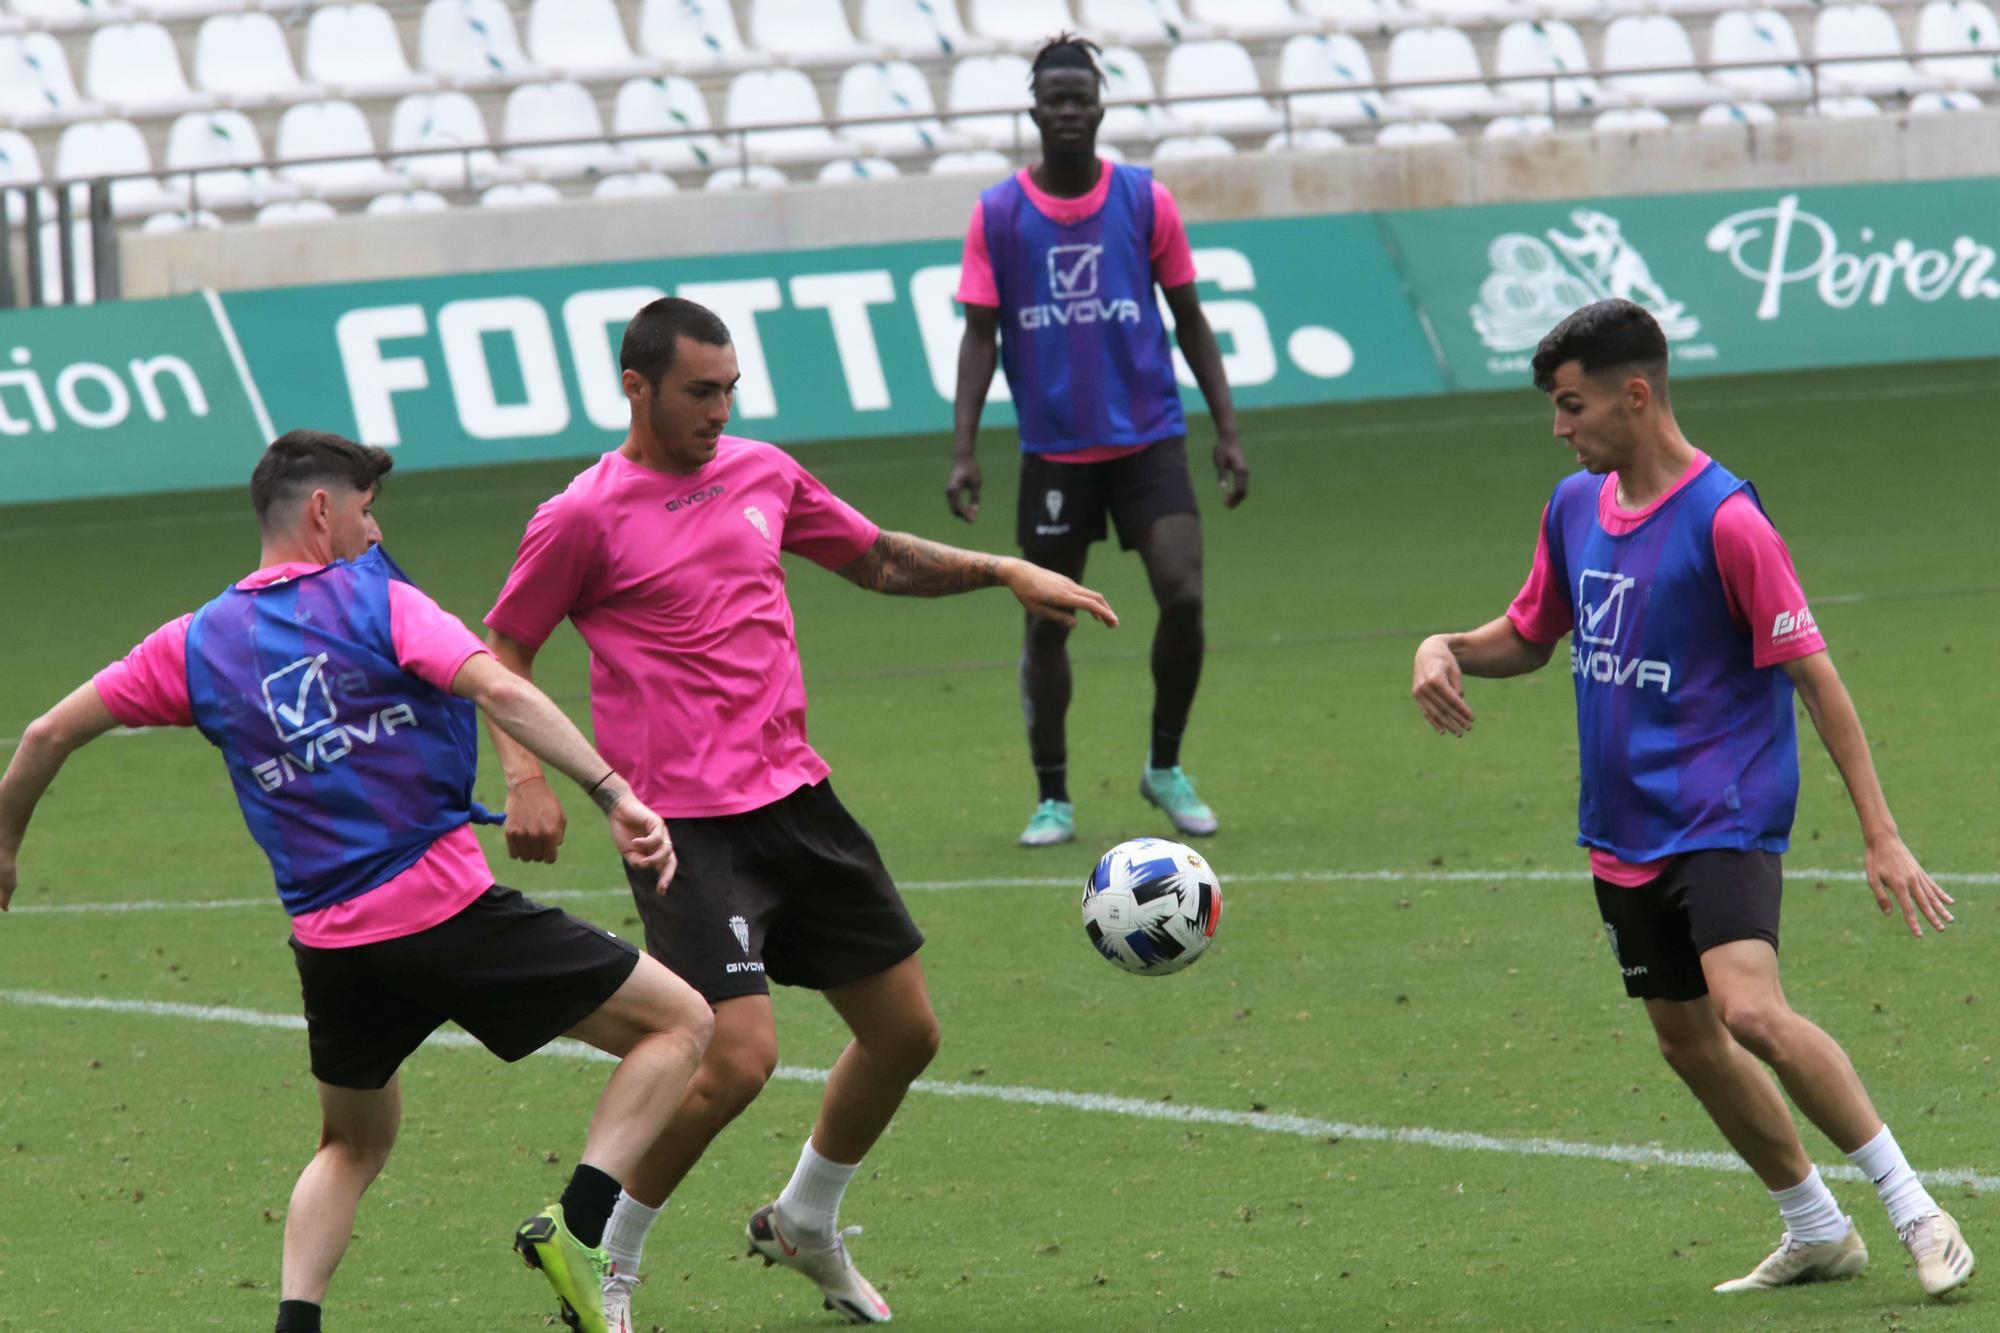 Entrenamiento del Córdoba CF tras el descenso a Segunda RFEF